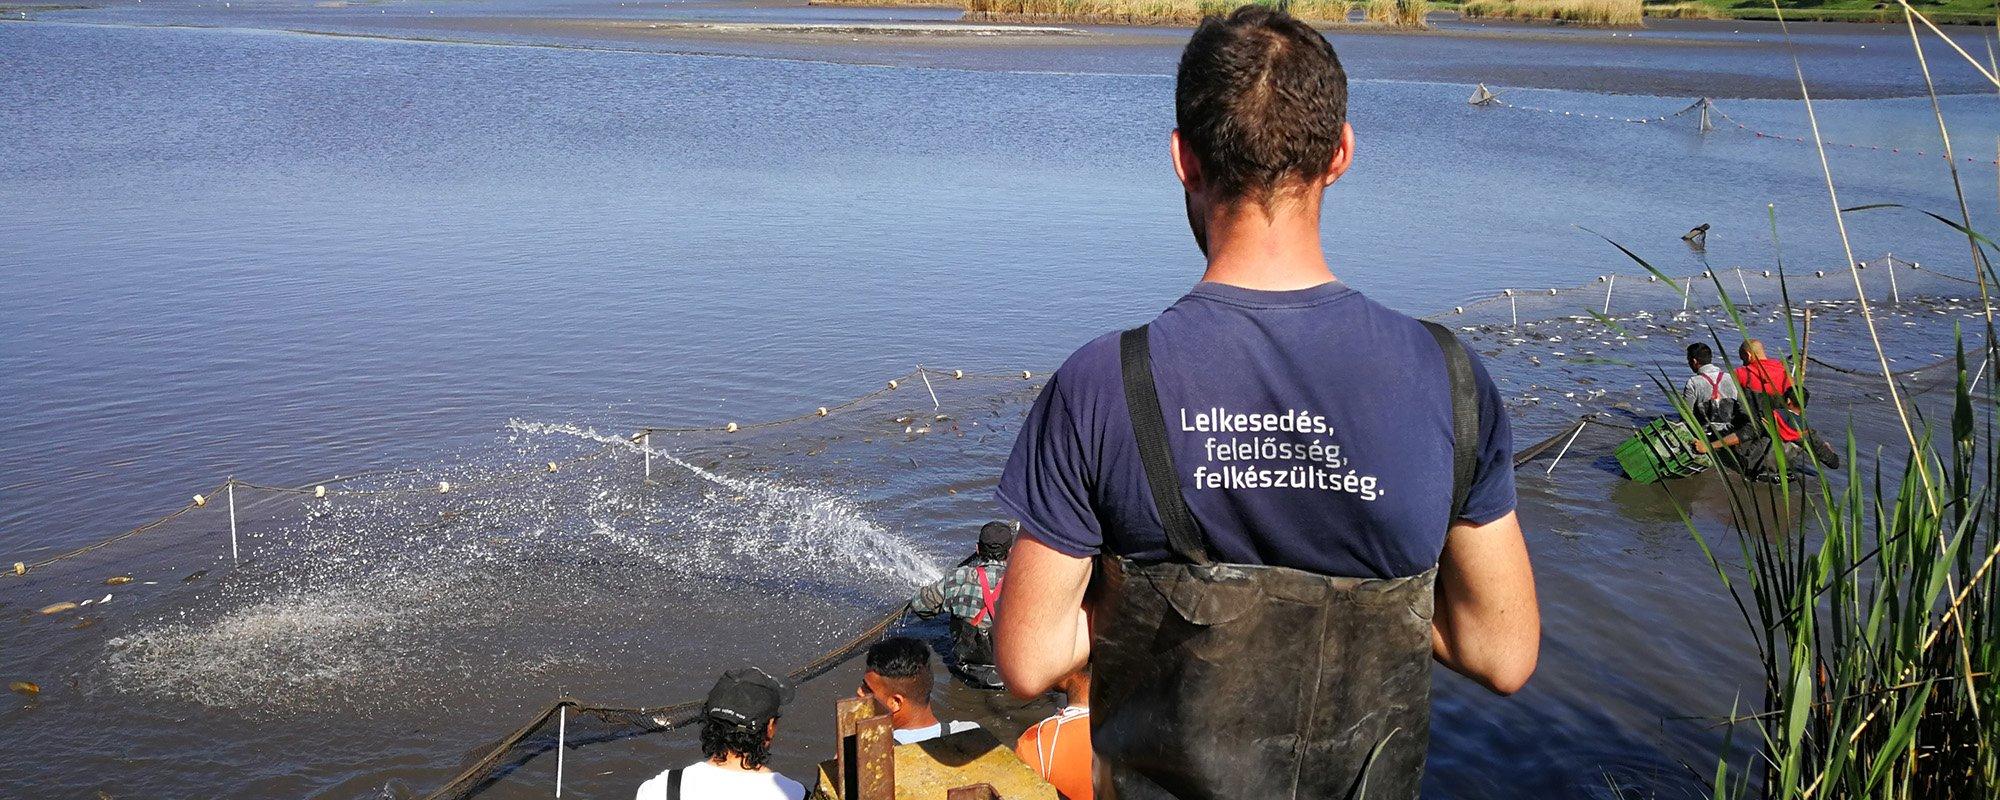 Instandhaltung von Seen